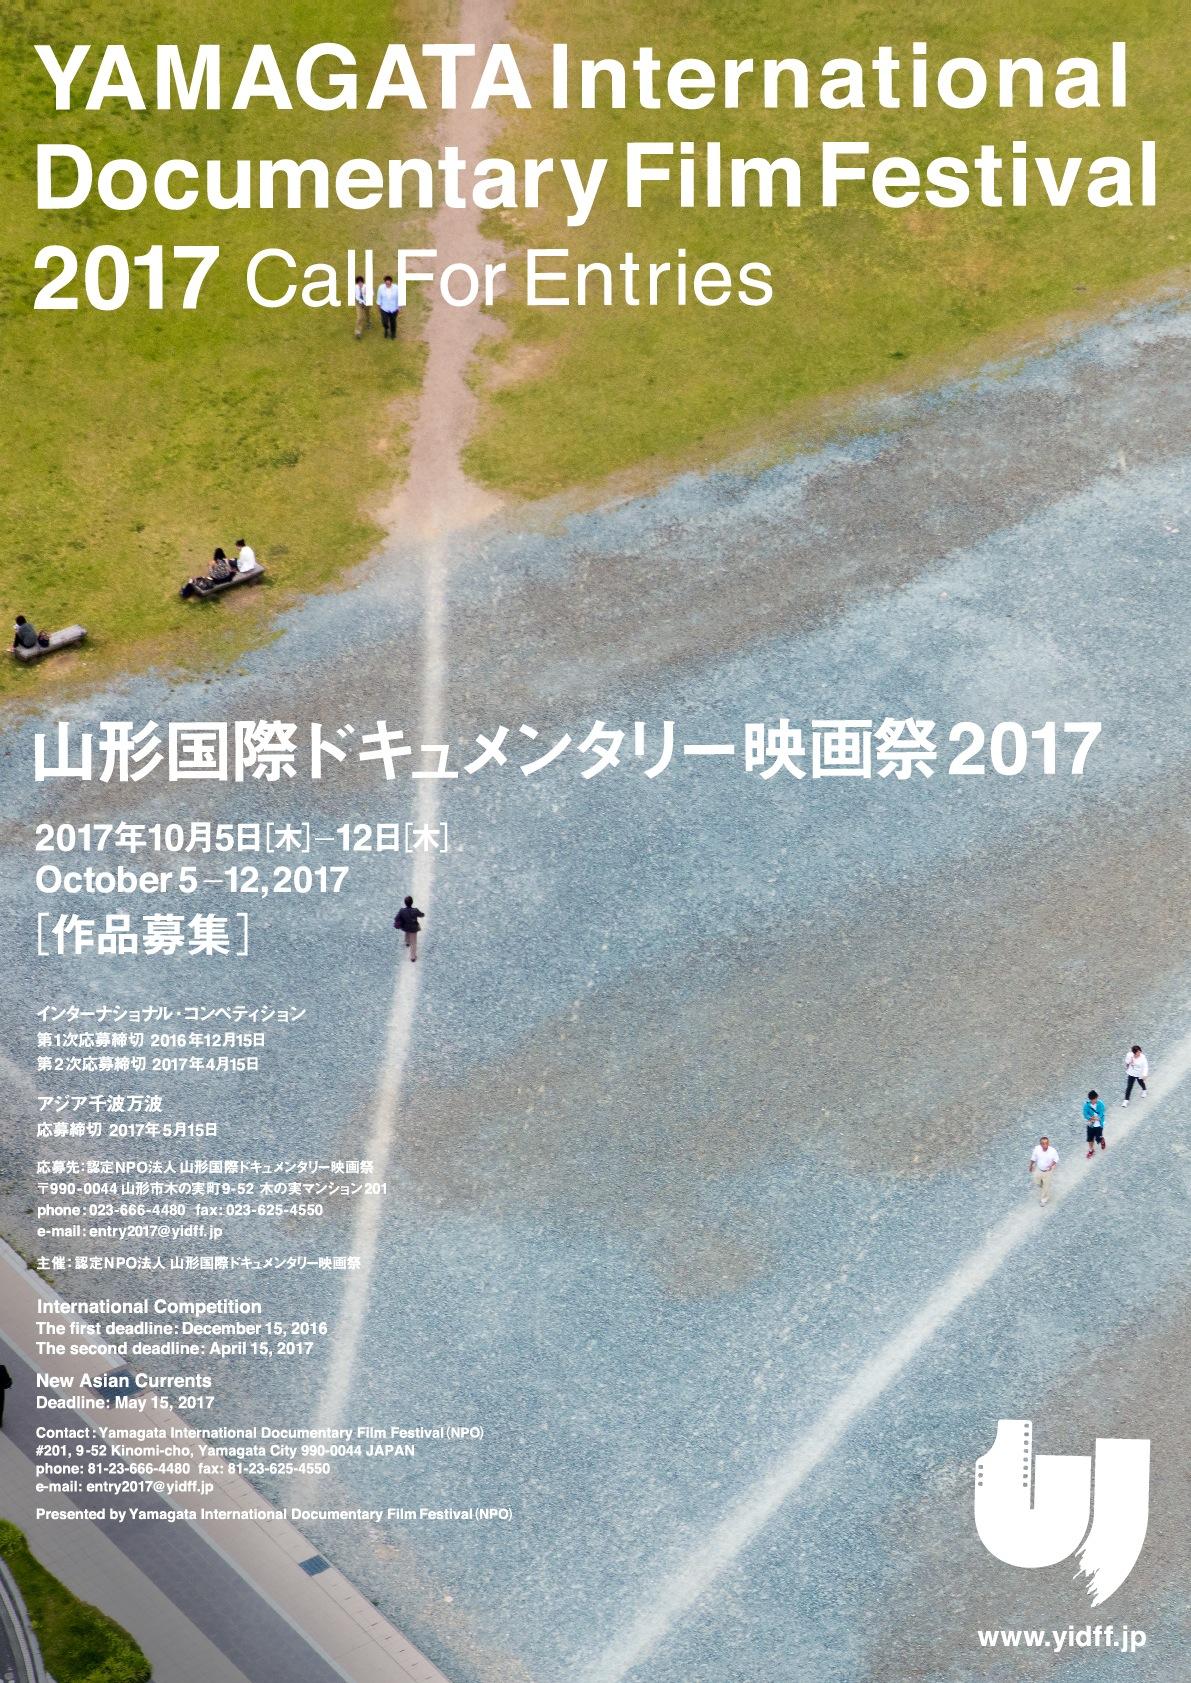 山形国際ドキュメンタリー映画祭がインターナショナル部門15本を発表!【今週のおすすめ映画祭】